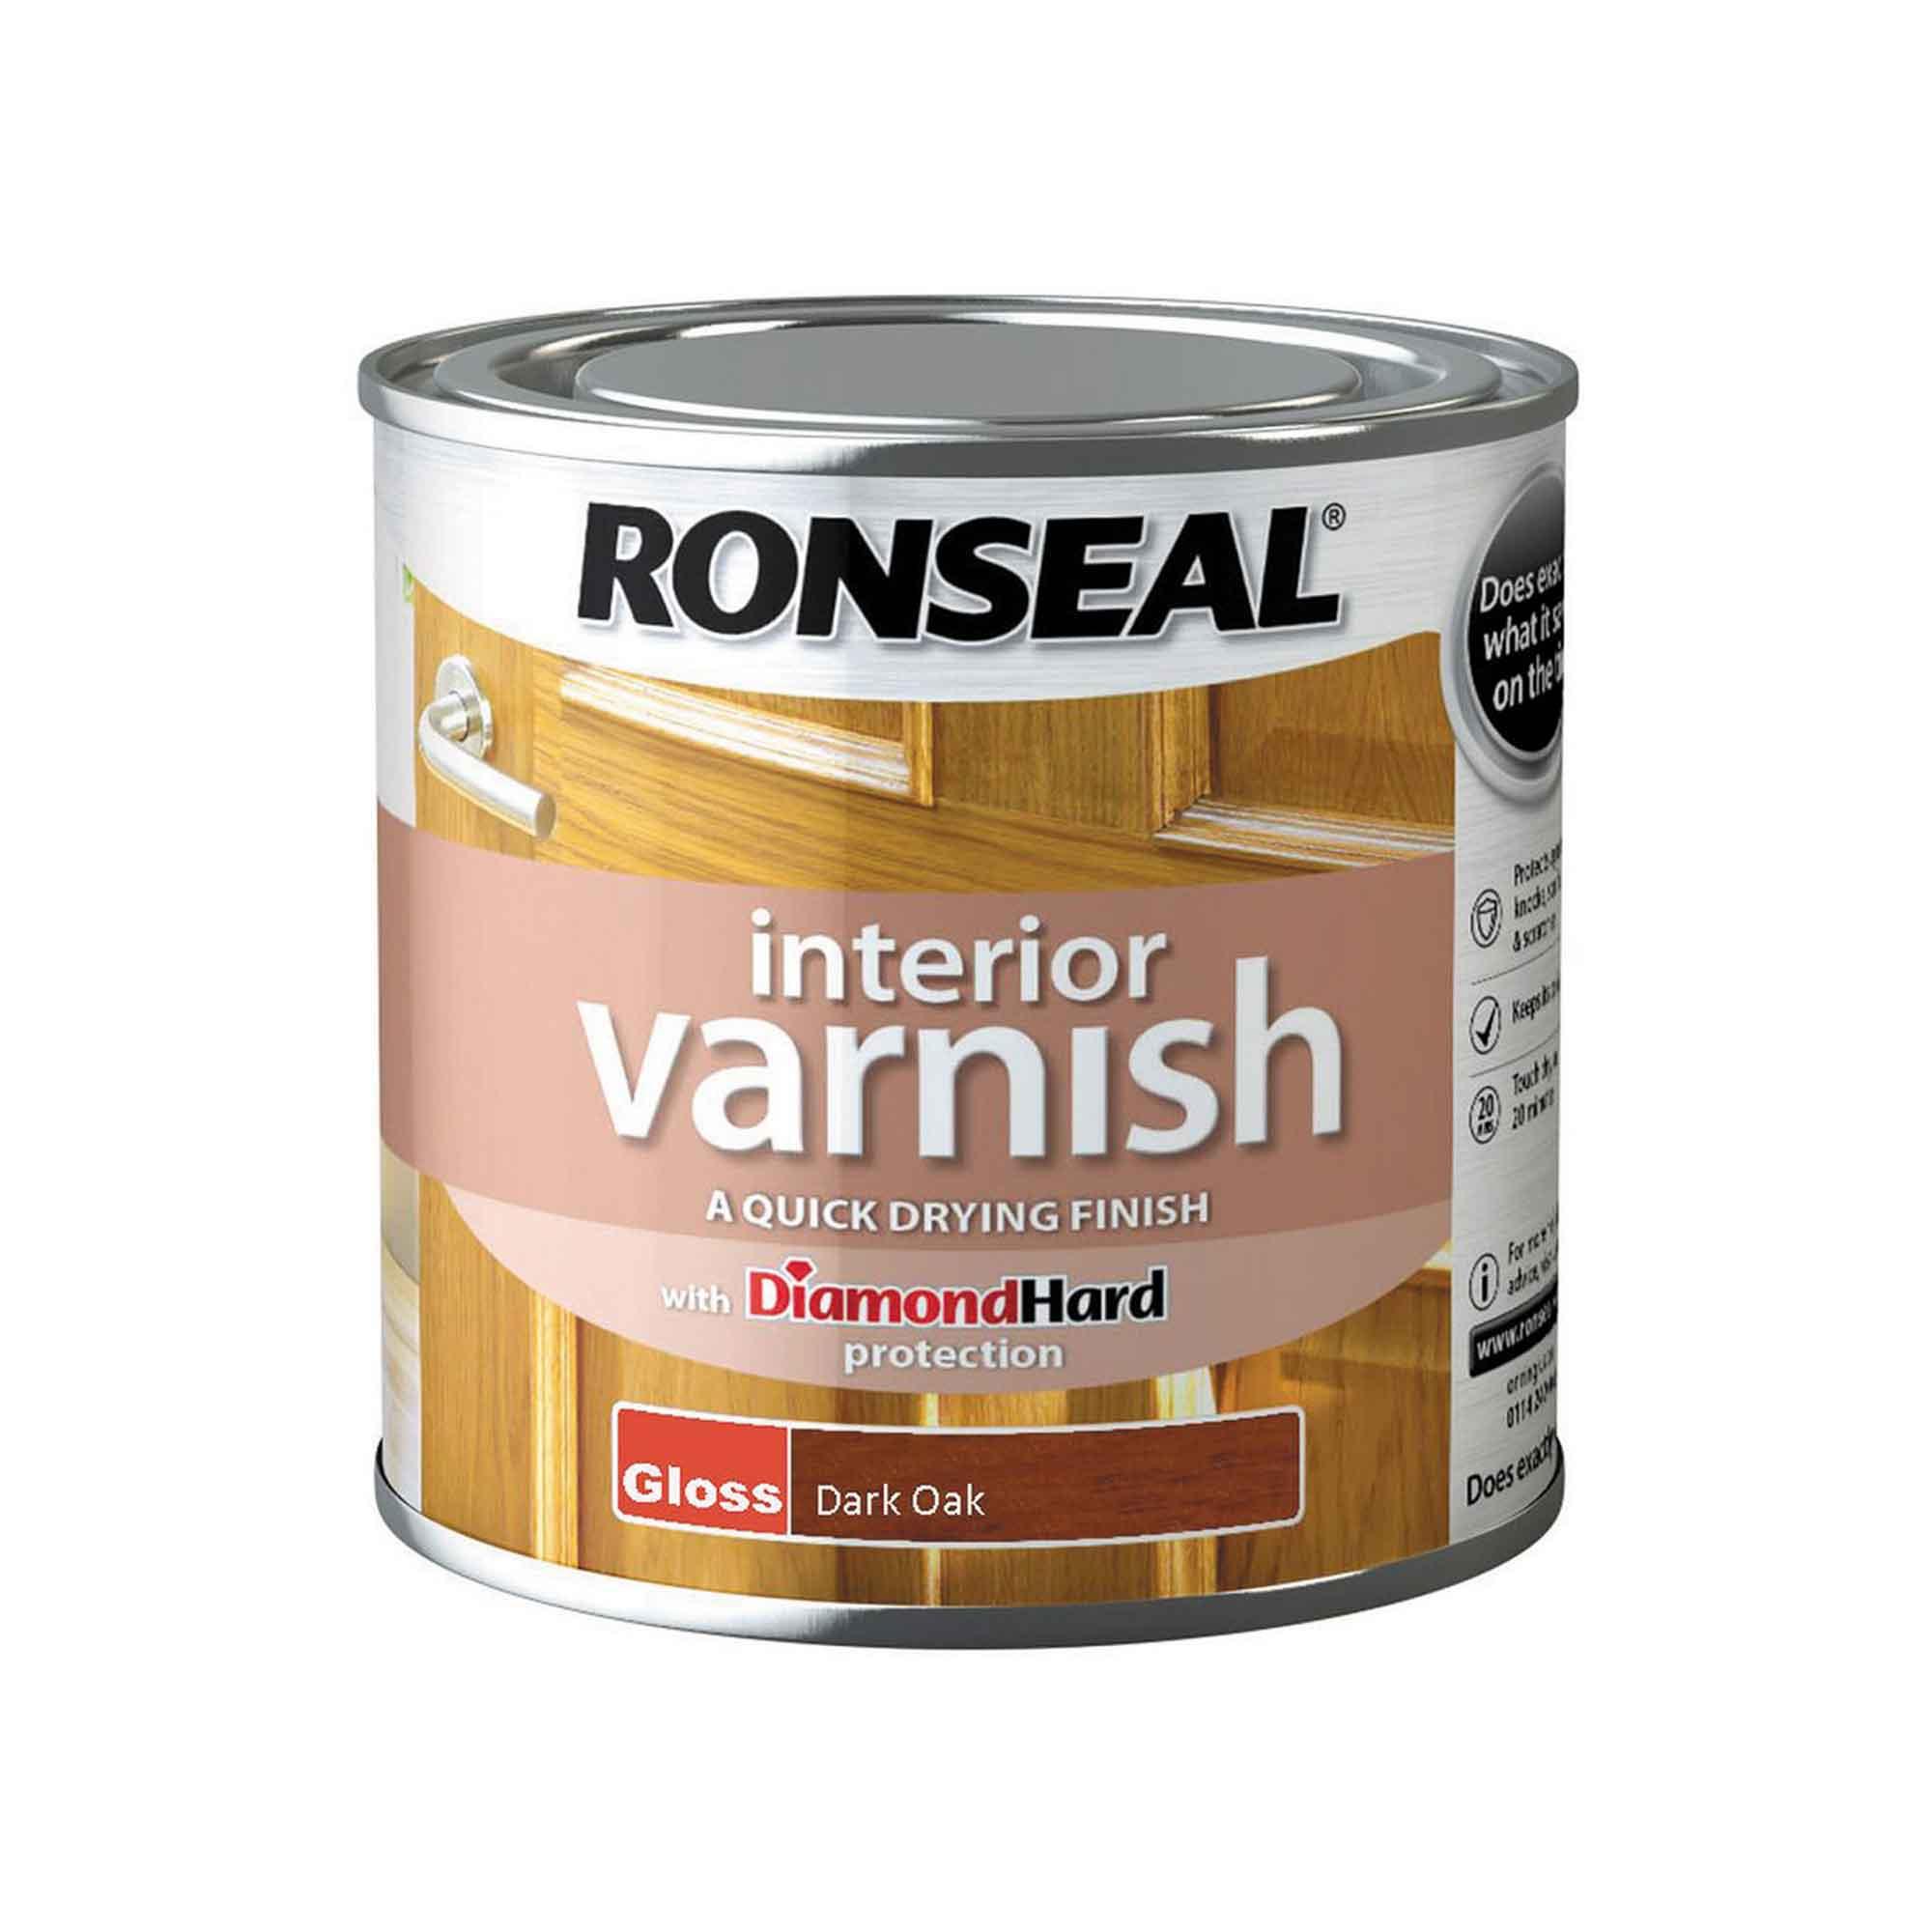 Ronseal Diamond Hard Interior Varnish Gloss Dark Oak 250ml